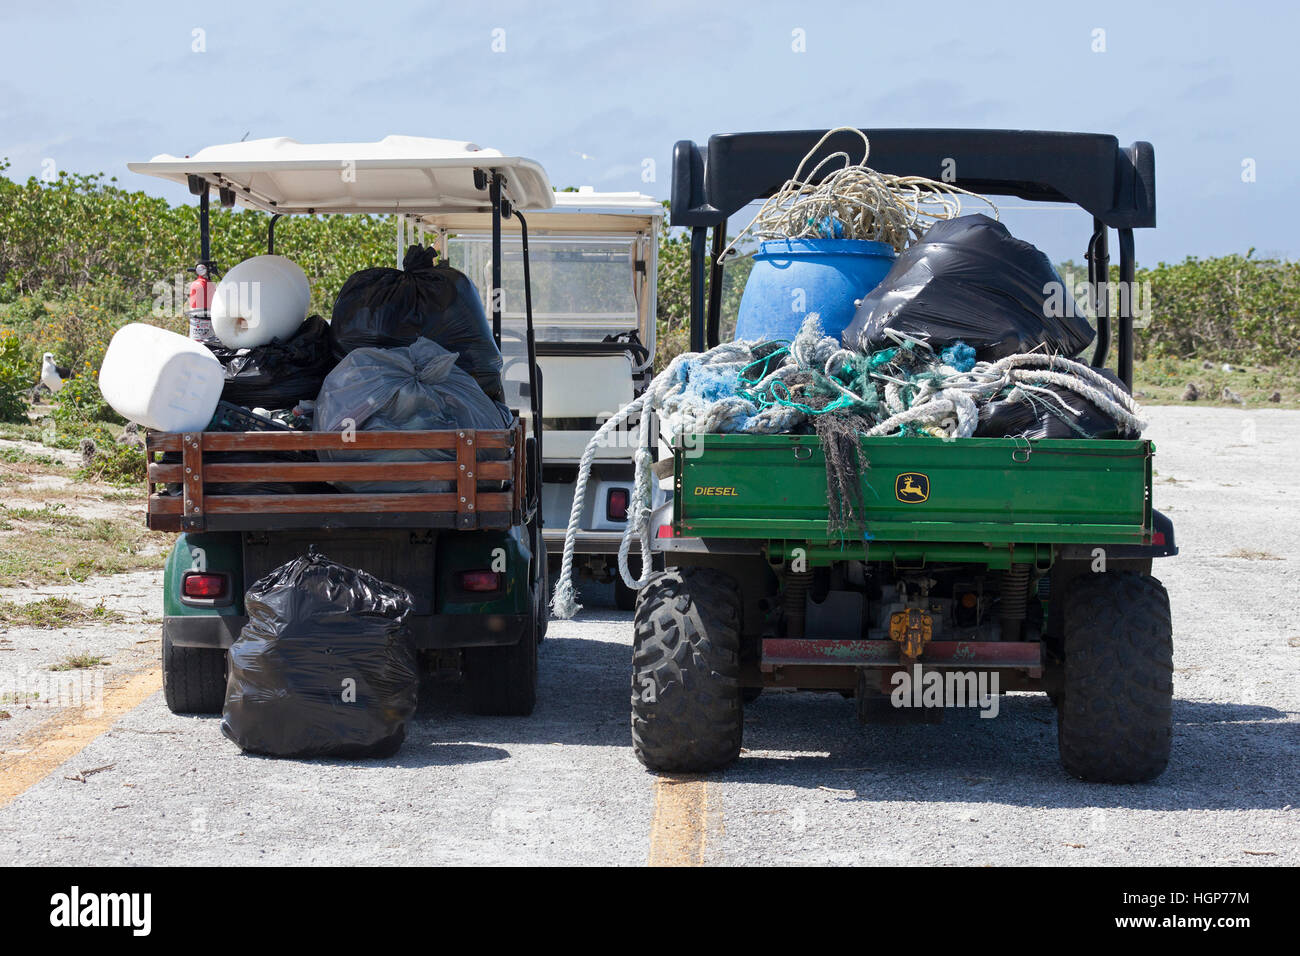 Los desechos marinos recogidos de costas insulares por voluntarios para evitar que el plástico, cuerdas y redes de dañar la vida silvestre Foto de stock